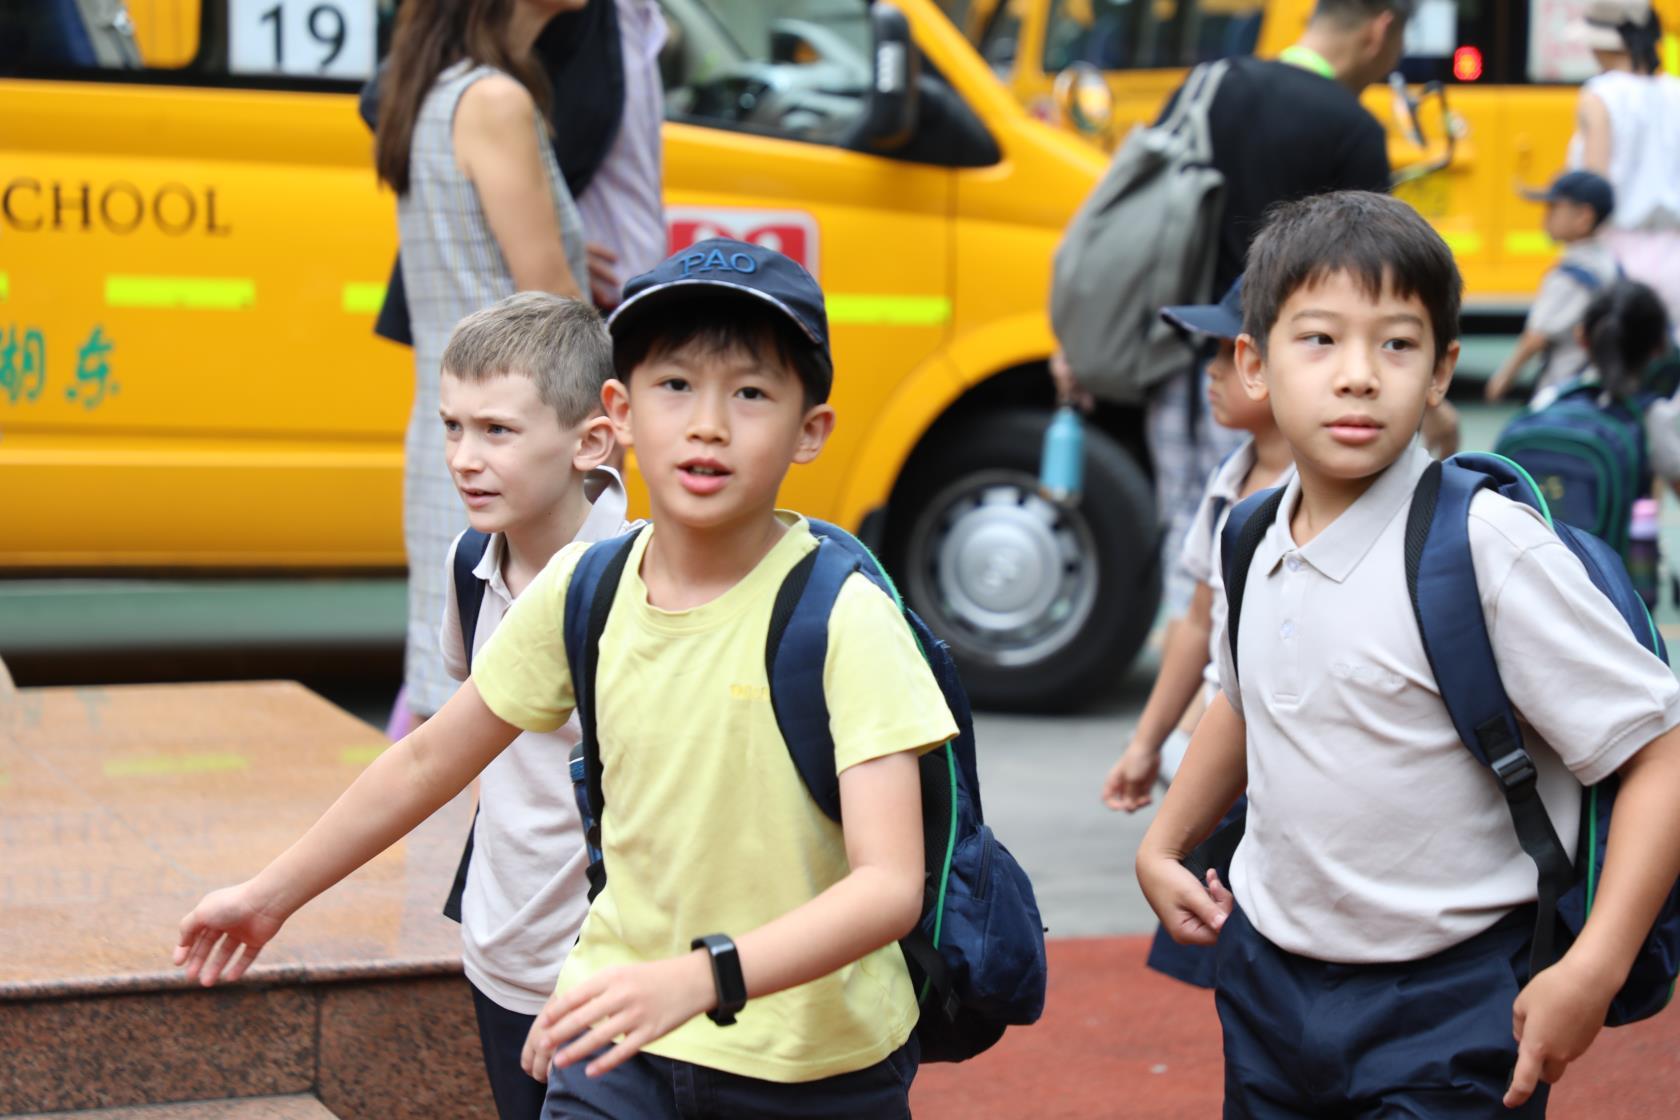 上海包玉刚实验学校校长吴子健:盲目跟风补课和跟风留学不是明智之举